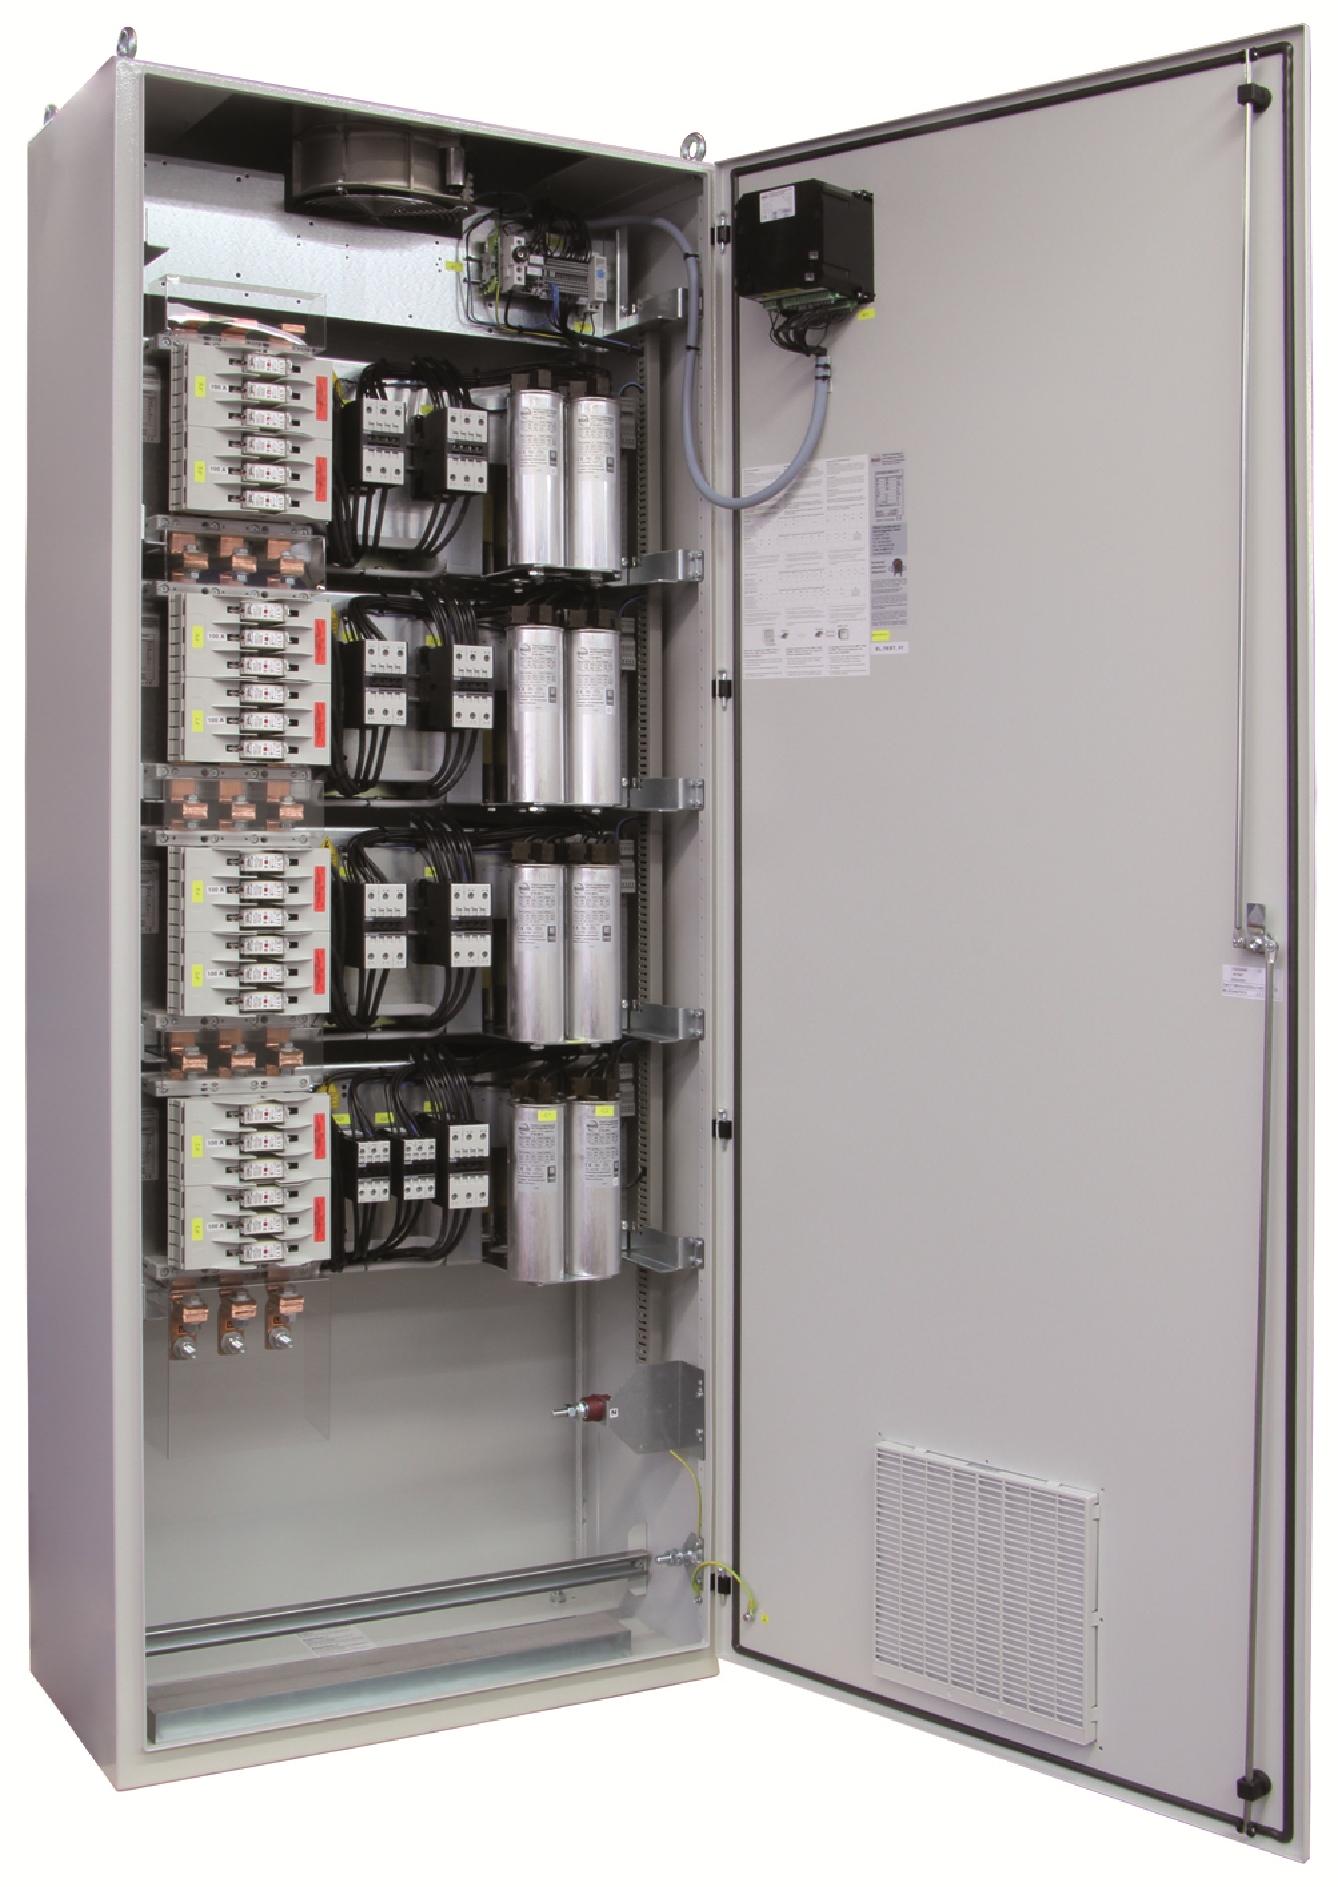 1 Stk Kompensation LSFC 7% 175/25kvar 600x2000x400mm FR3422660-